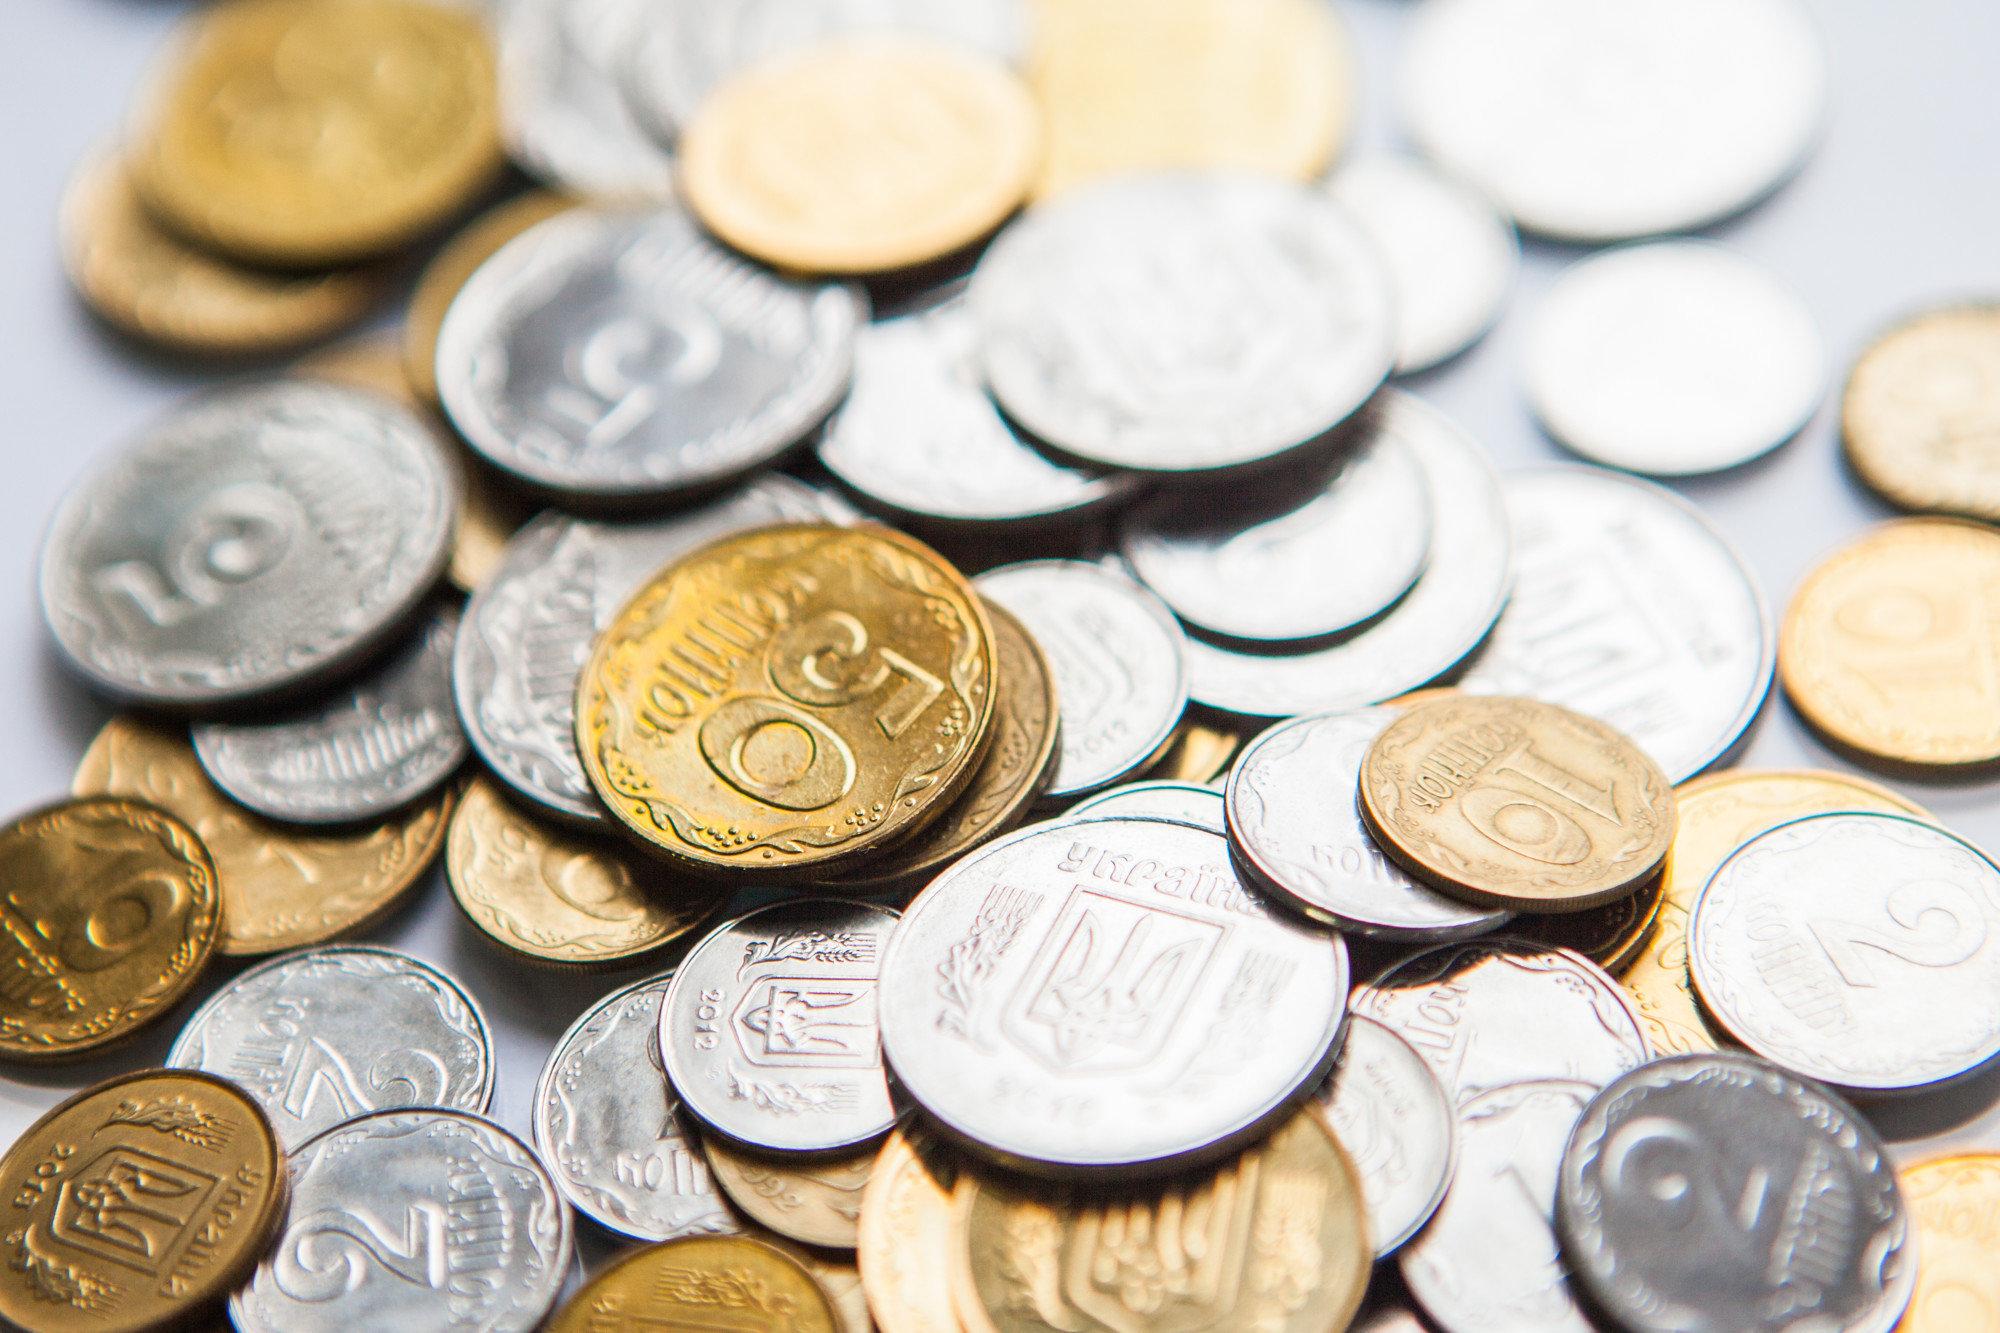 В бюджете не учли повышение зарплат медиков - МОЗ